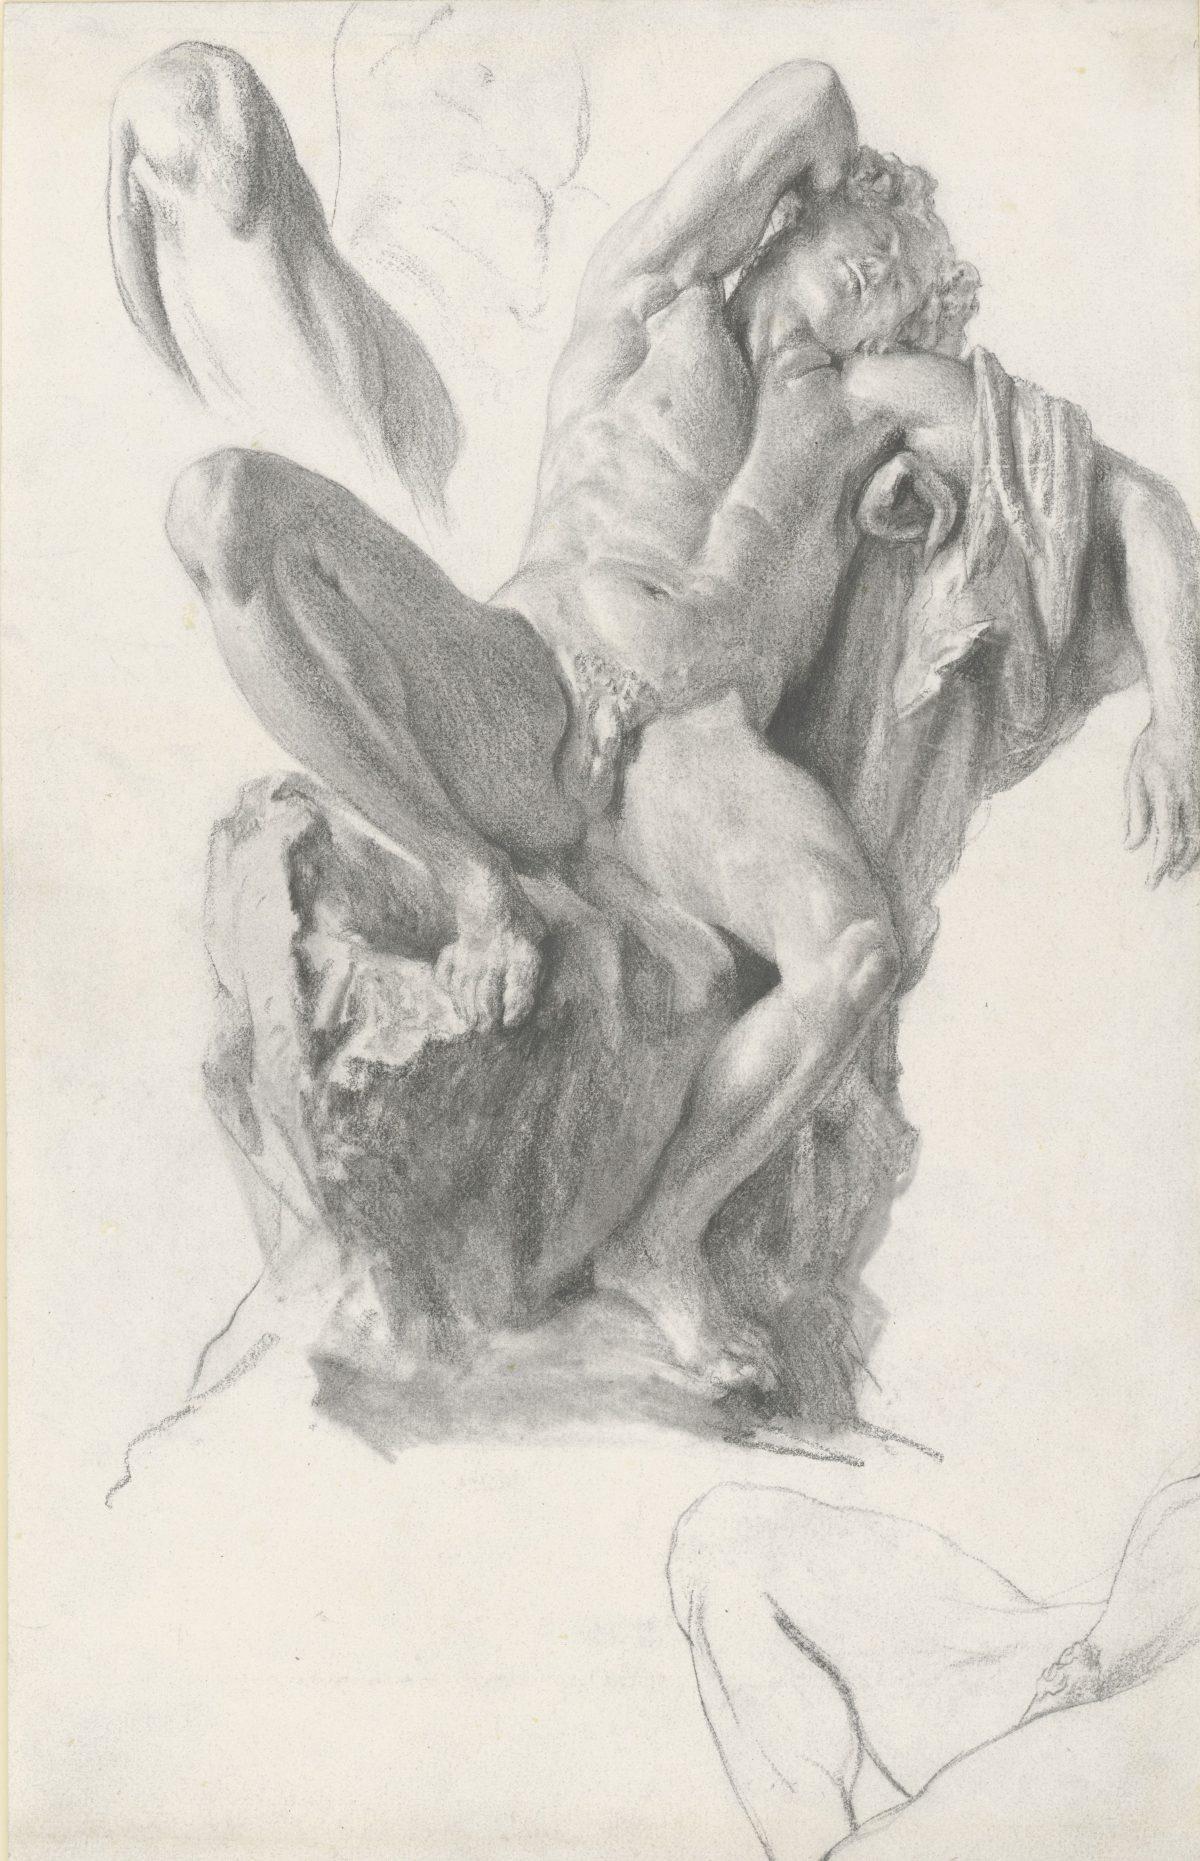 Adolph von Menzel, Der Barberinische Faun, 1874, Bleistift, 400 x 250 mm Blattmaß © Staatliche Graphische Sammlung München